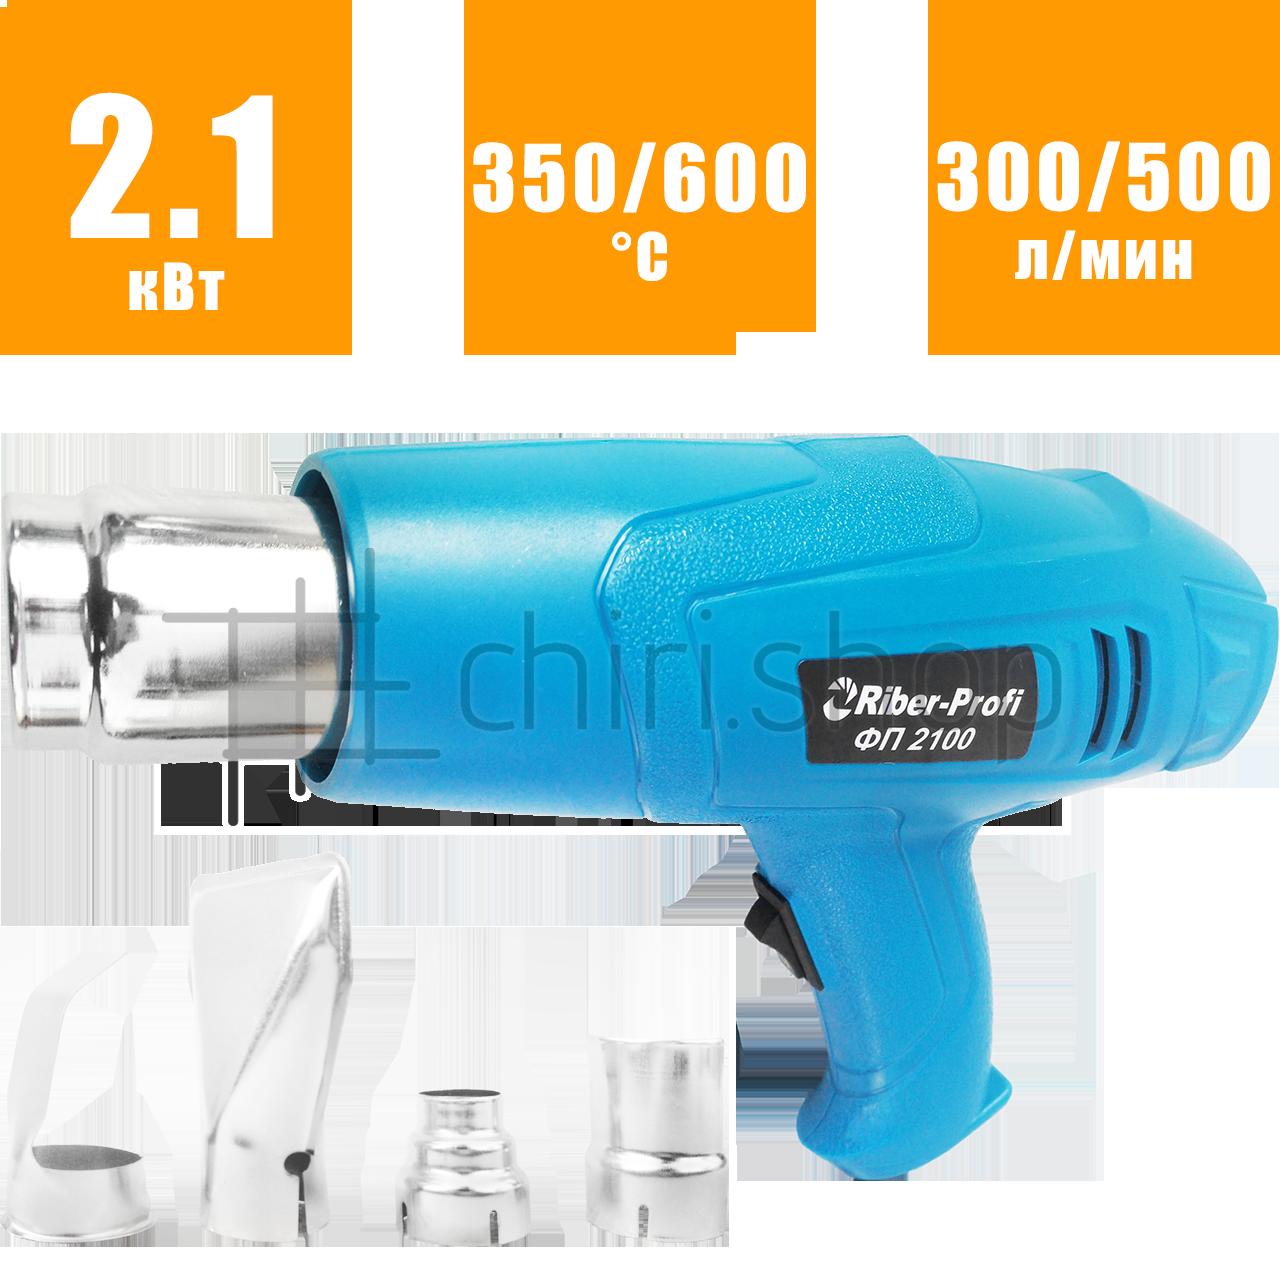 Фен технический 350 / 600 °C, 300 / 500 л/мин Riber ФП 2100, промышленный термофен строительный монтажный